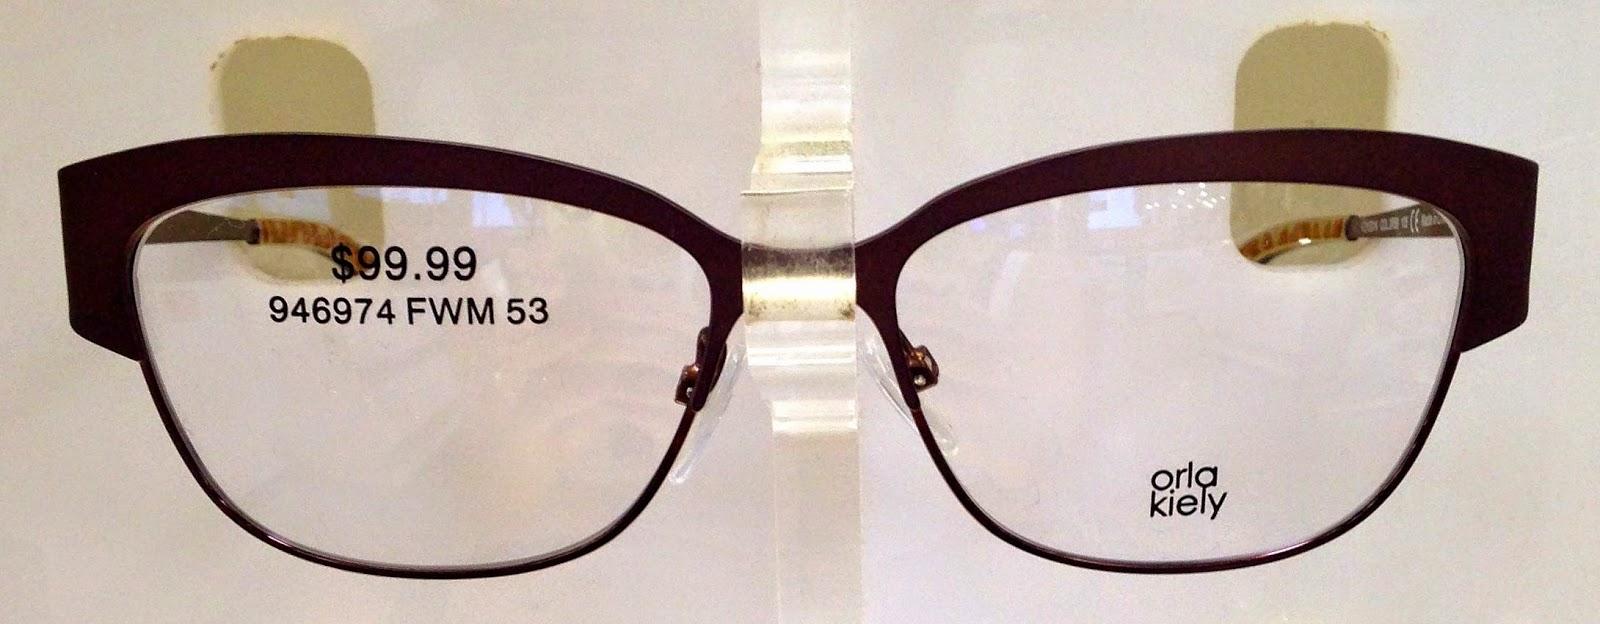 d2f52fc27701 Costco Glasses Uk